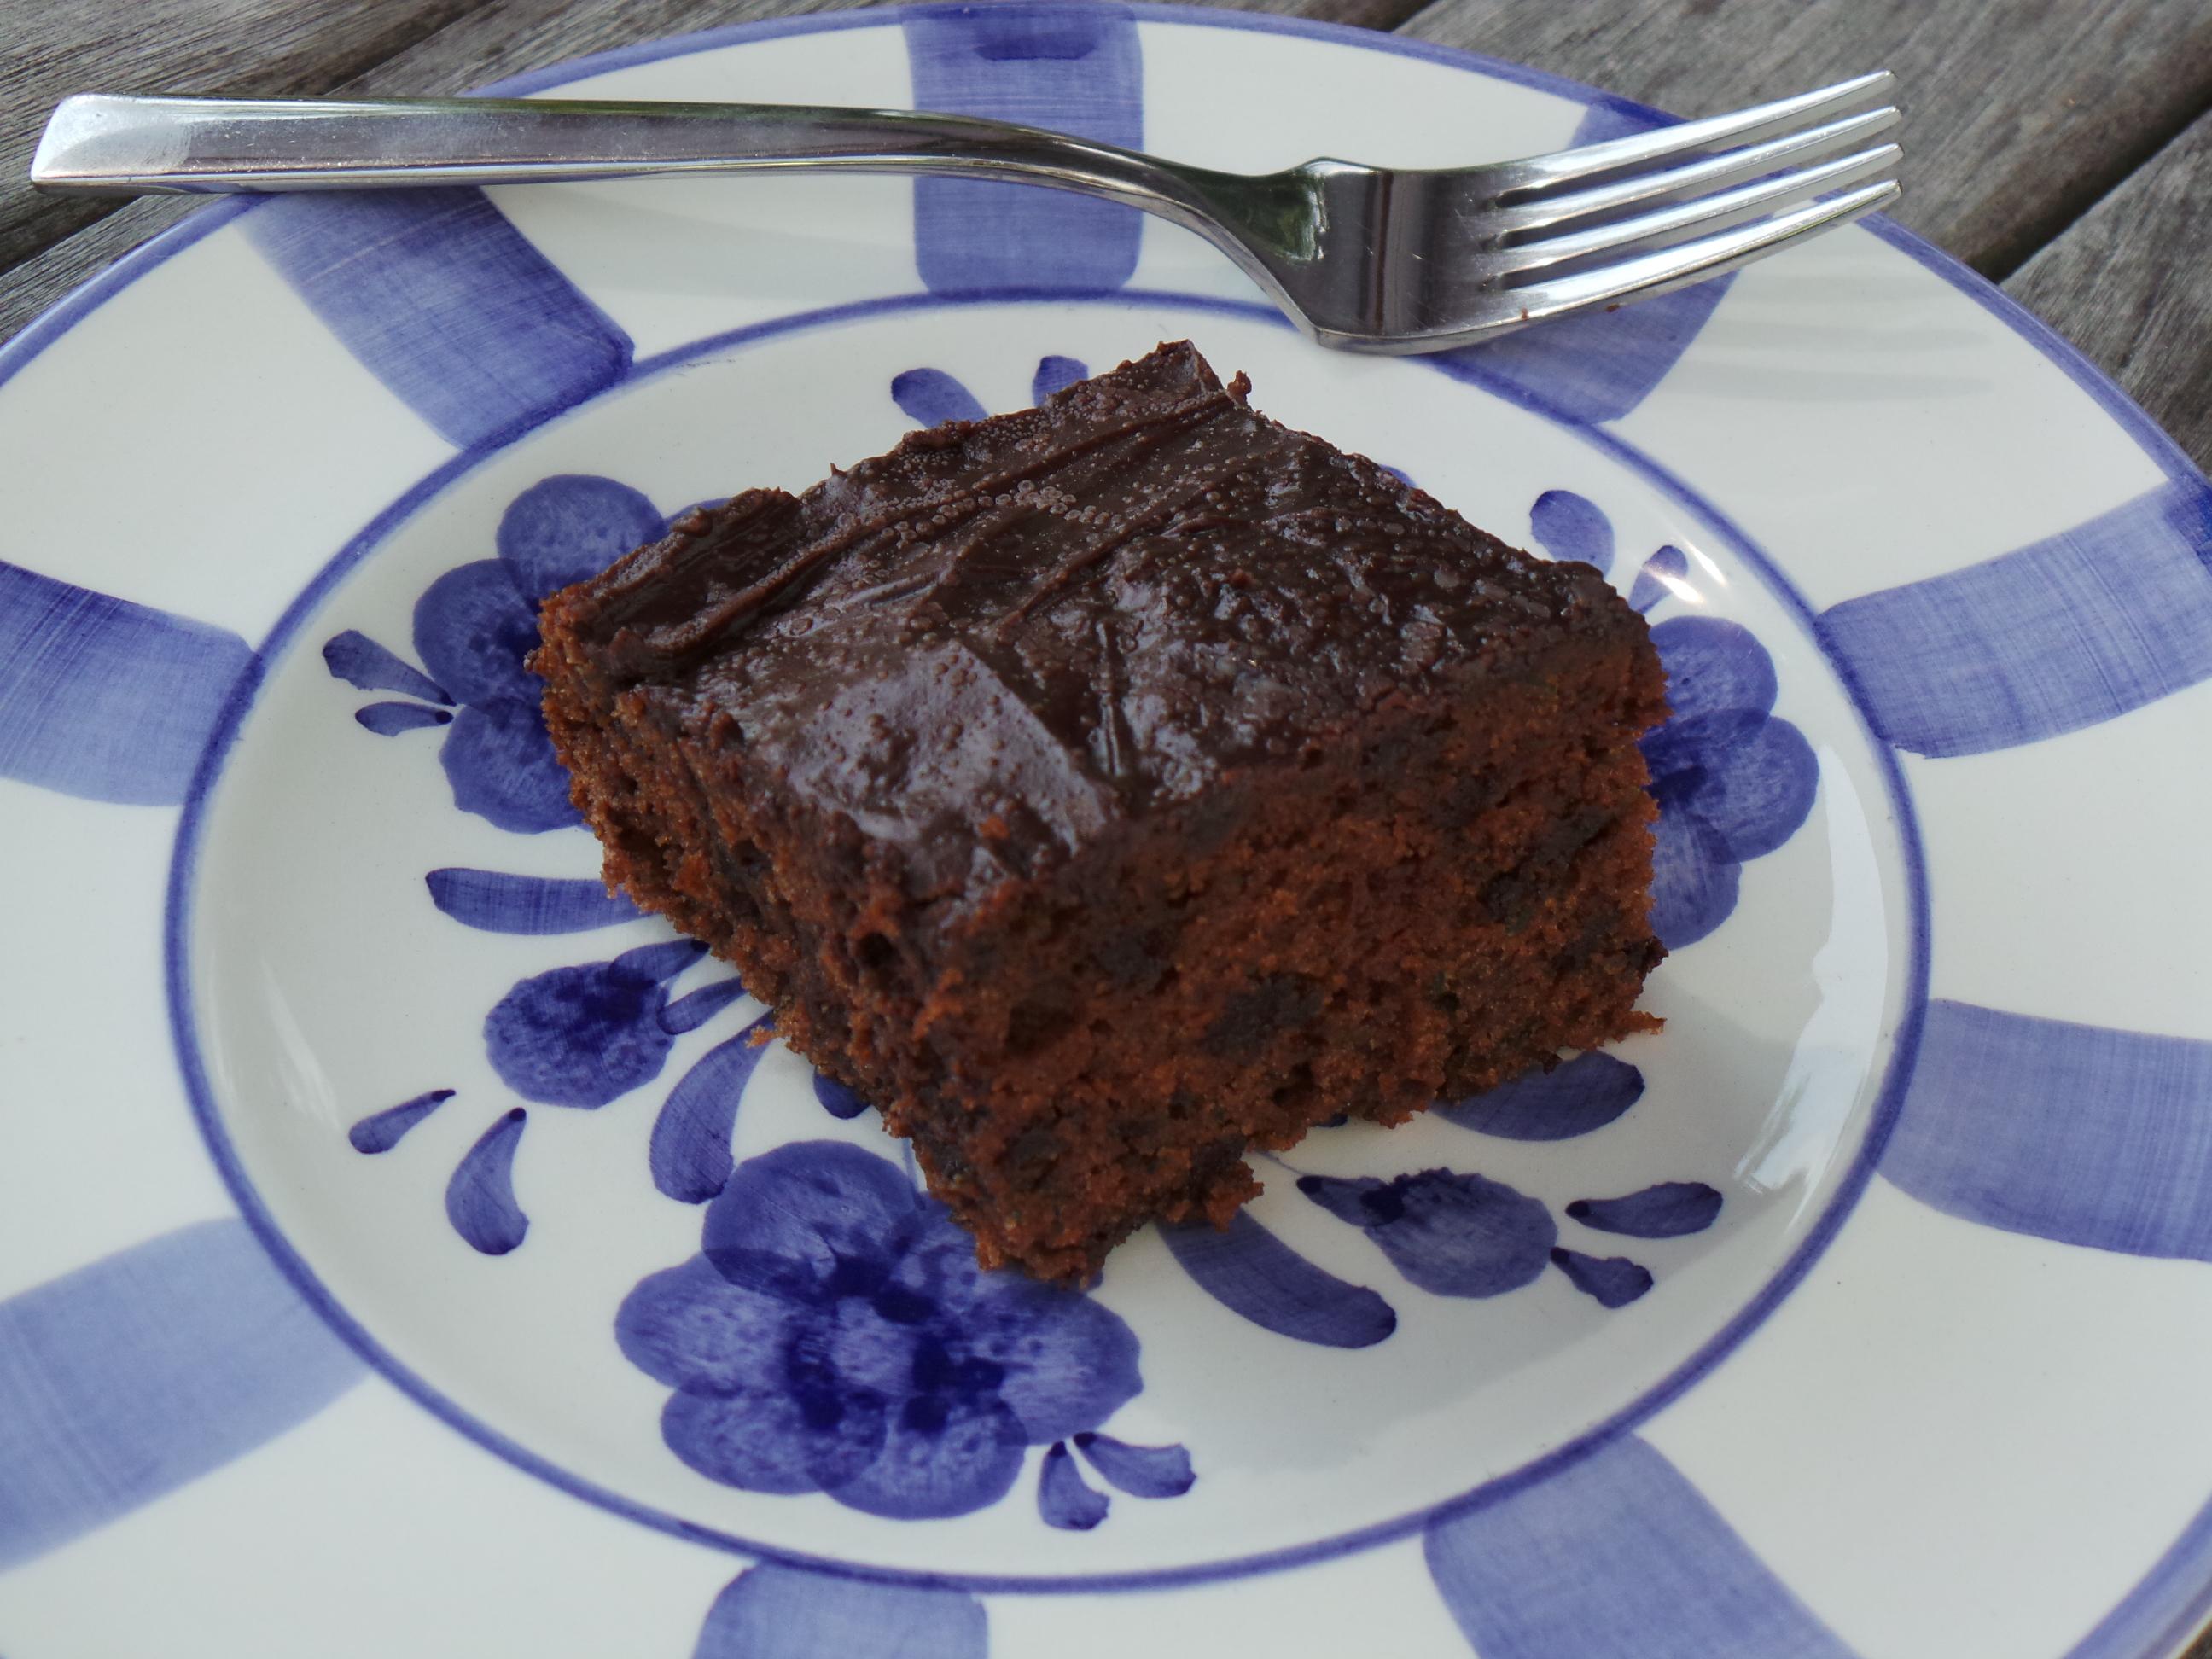 zucchini-chocolate cake